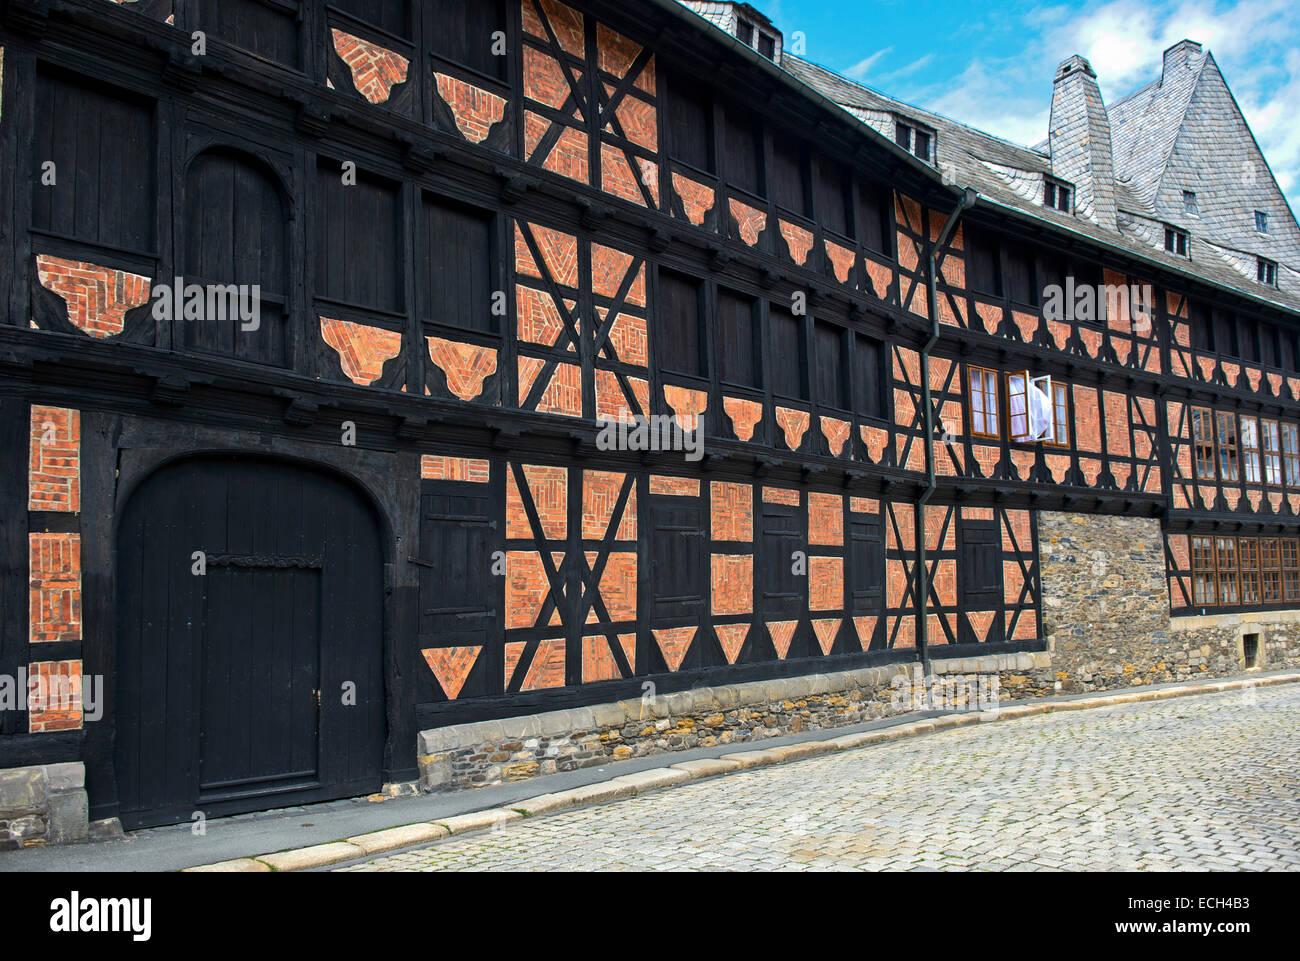 Siemenshaus, Altstadt, UNESCO-Weltkulturerbe, Goslar, Harz, Niedersachsen, Deutschland Stockbild